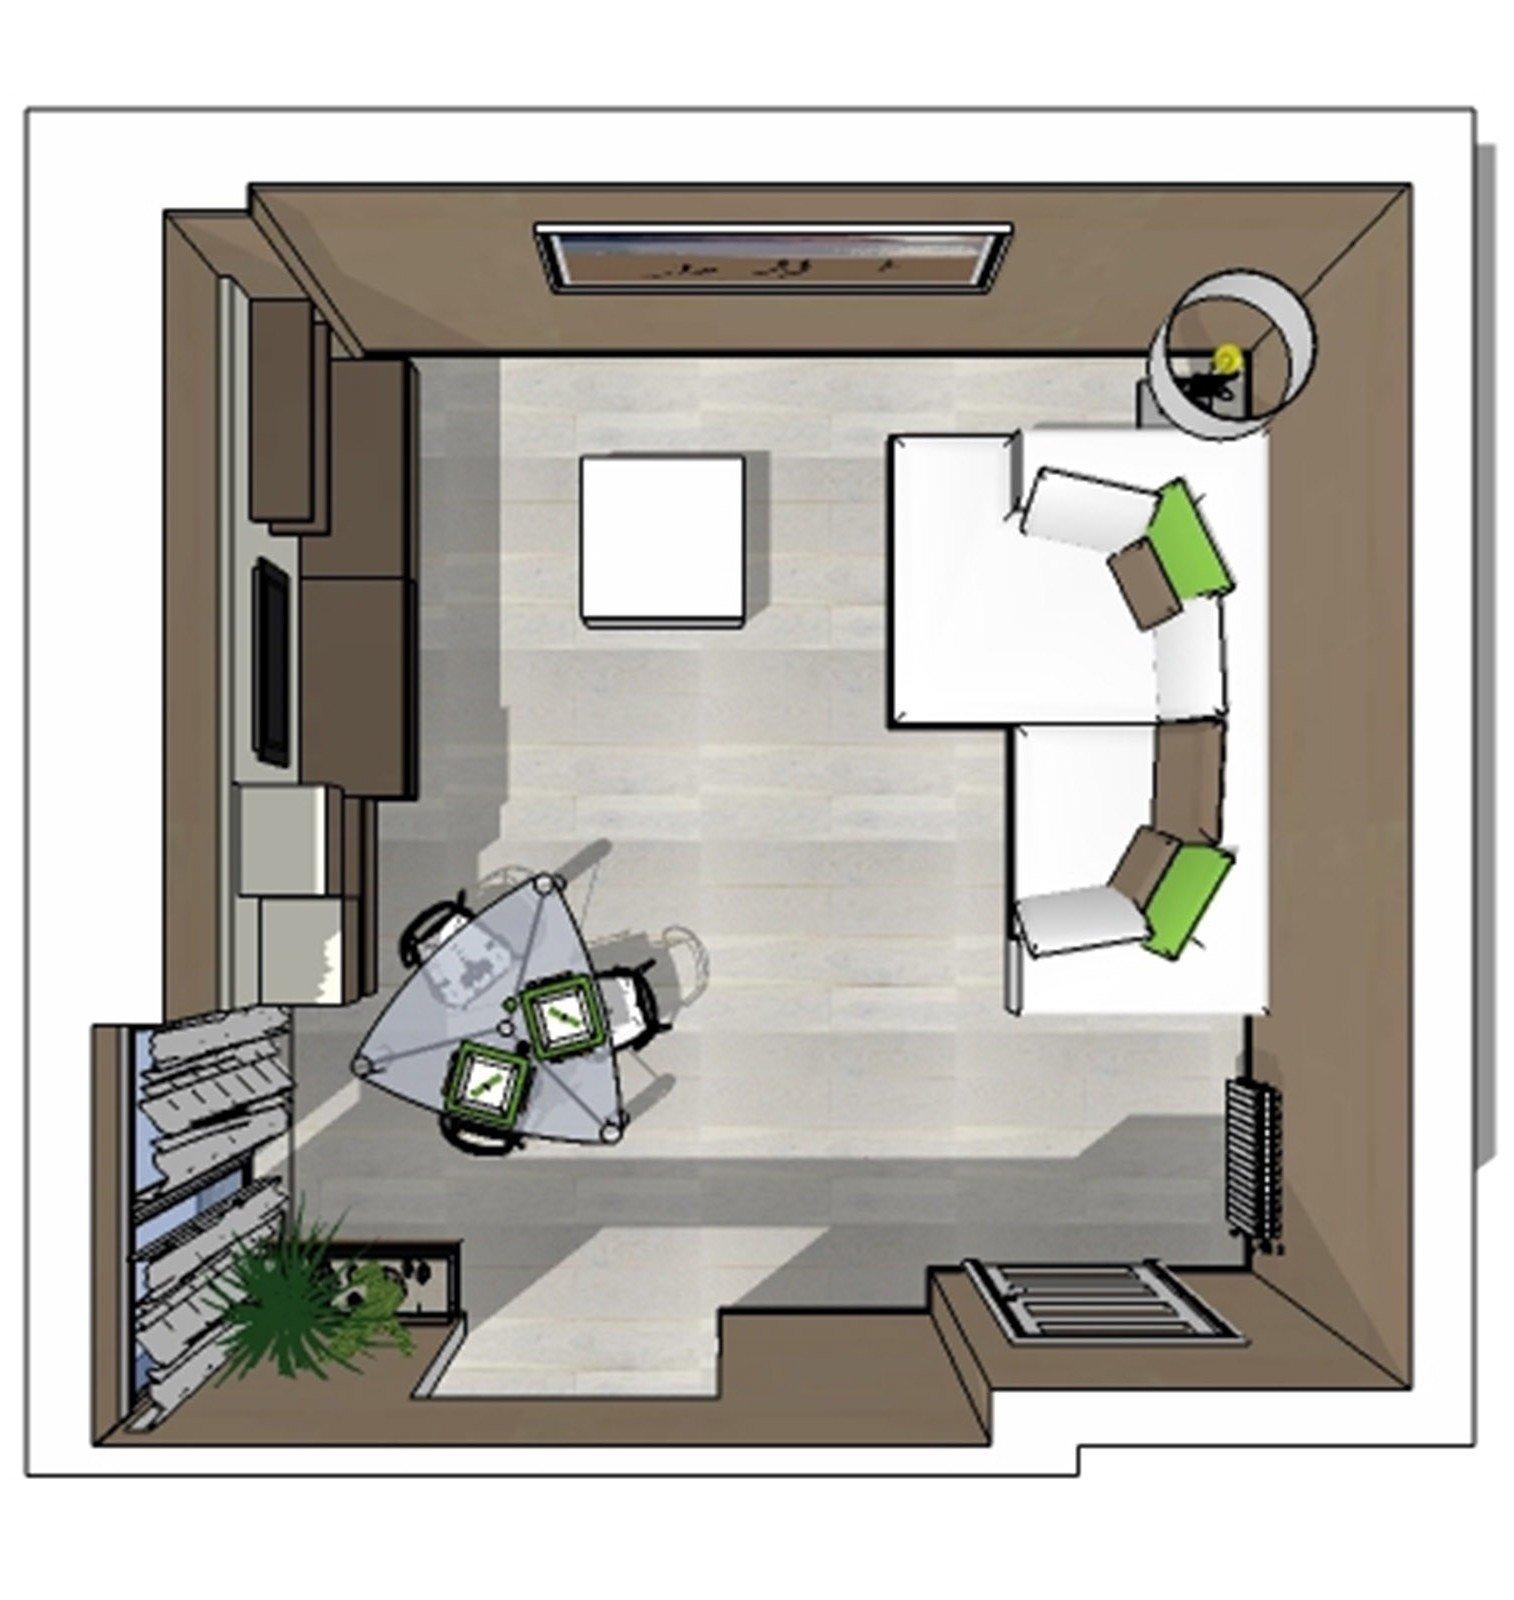 ... il colore delle pareti contribuiranno a rendere il soggiorno molto